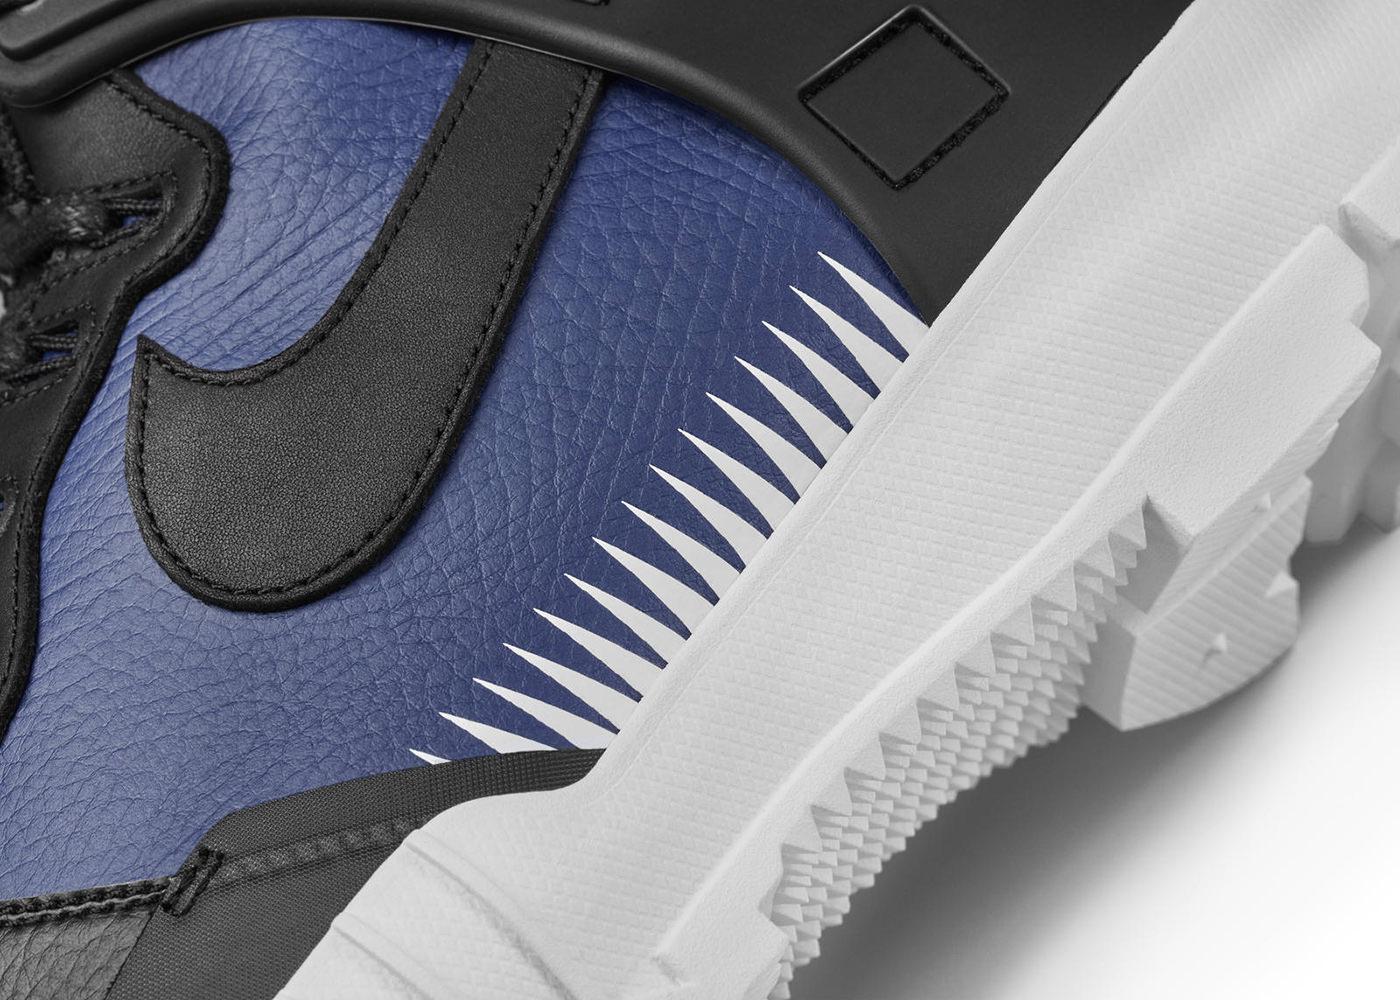 Nike_Lab_JUNGLE_DUNK_910092_001_DET_rectangle_1600